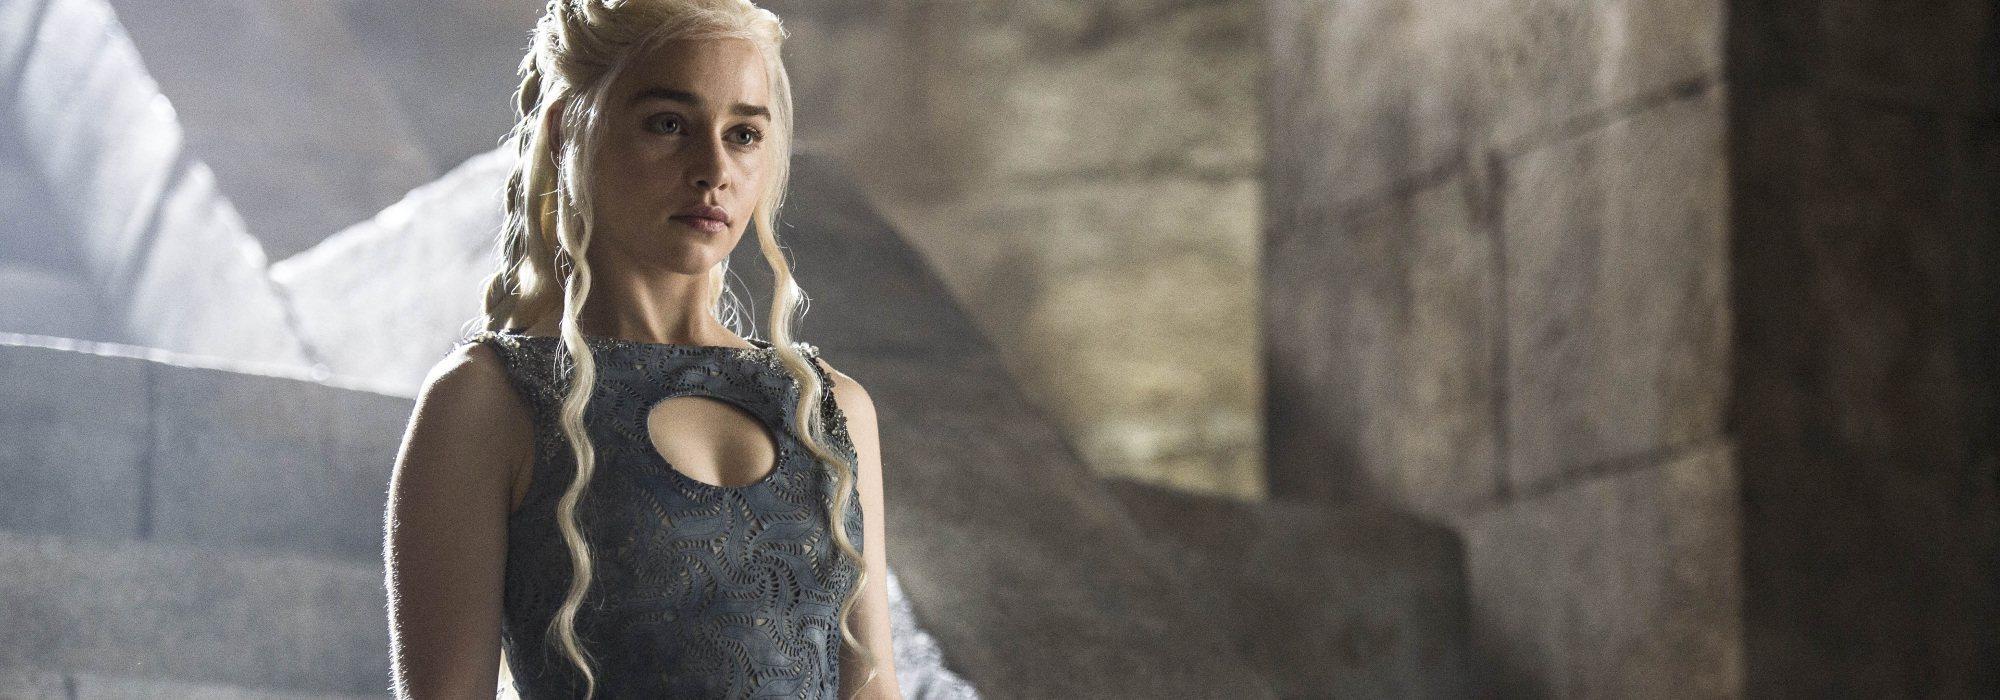 12 personajes femeninos rompedores de los últimos años